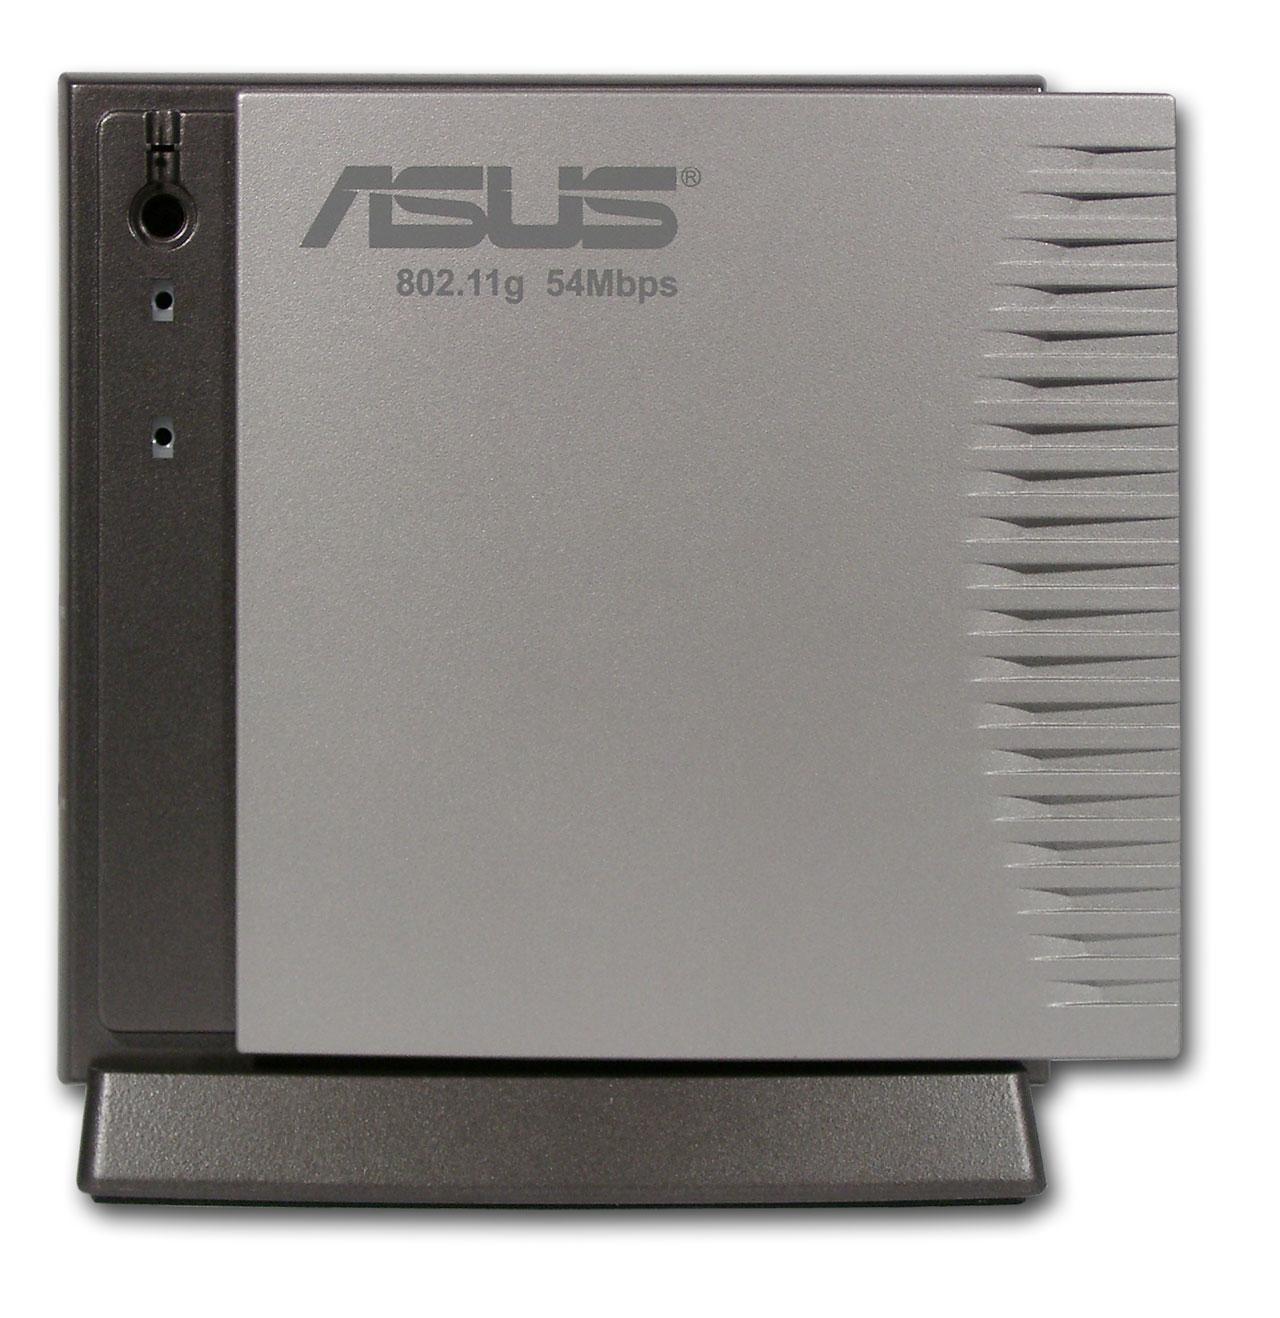 Asus wl-100g